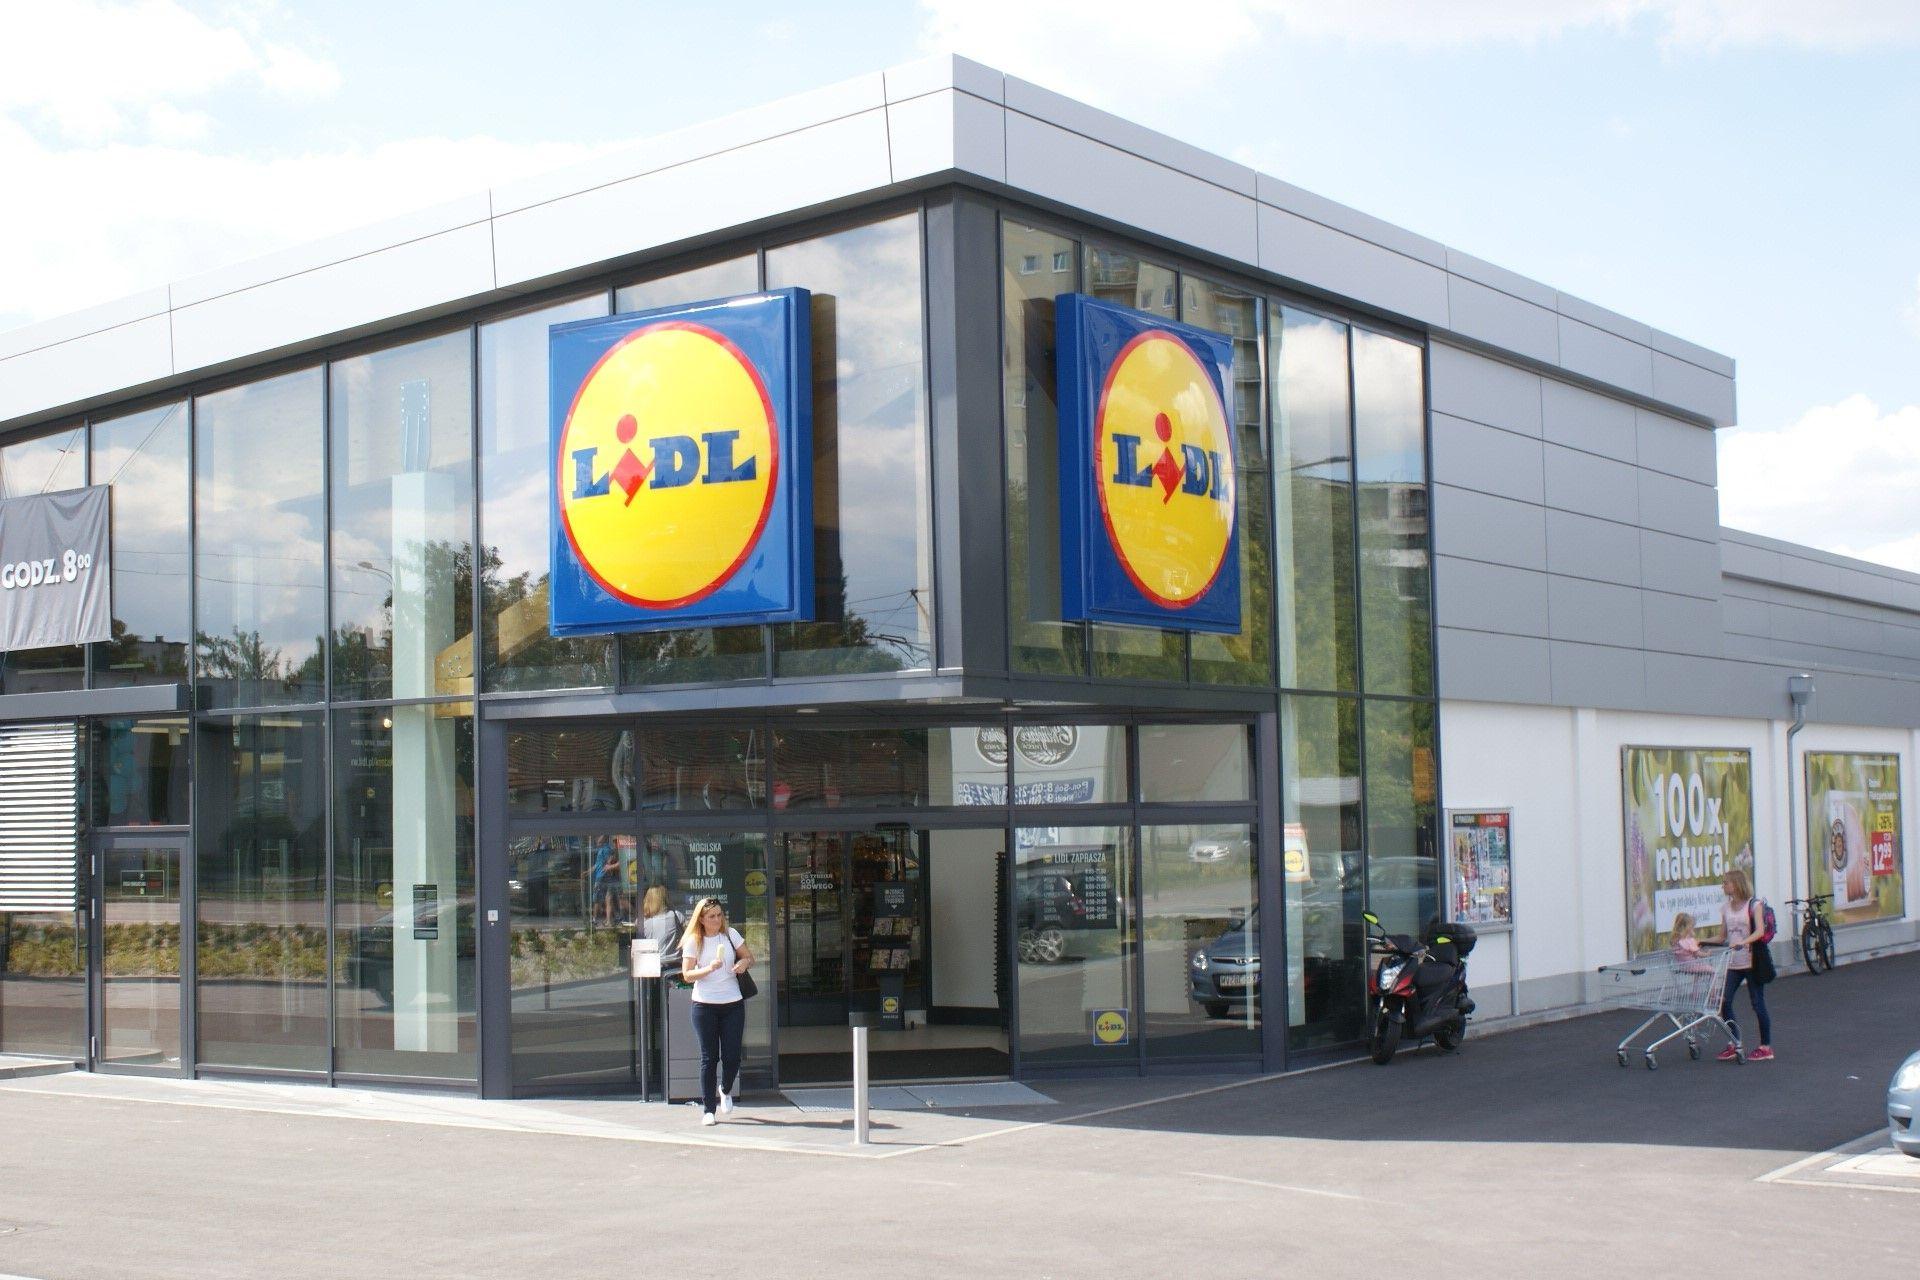 [Wrocław] Nowe sklepy Lidl we Wrocławiu. Wiemy, gdzie powstaną